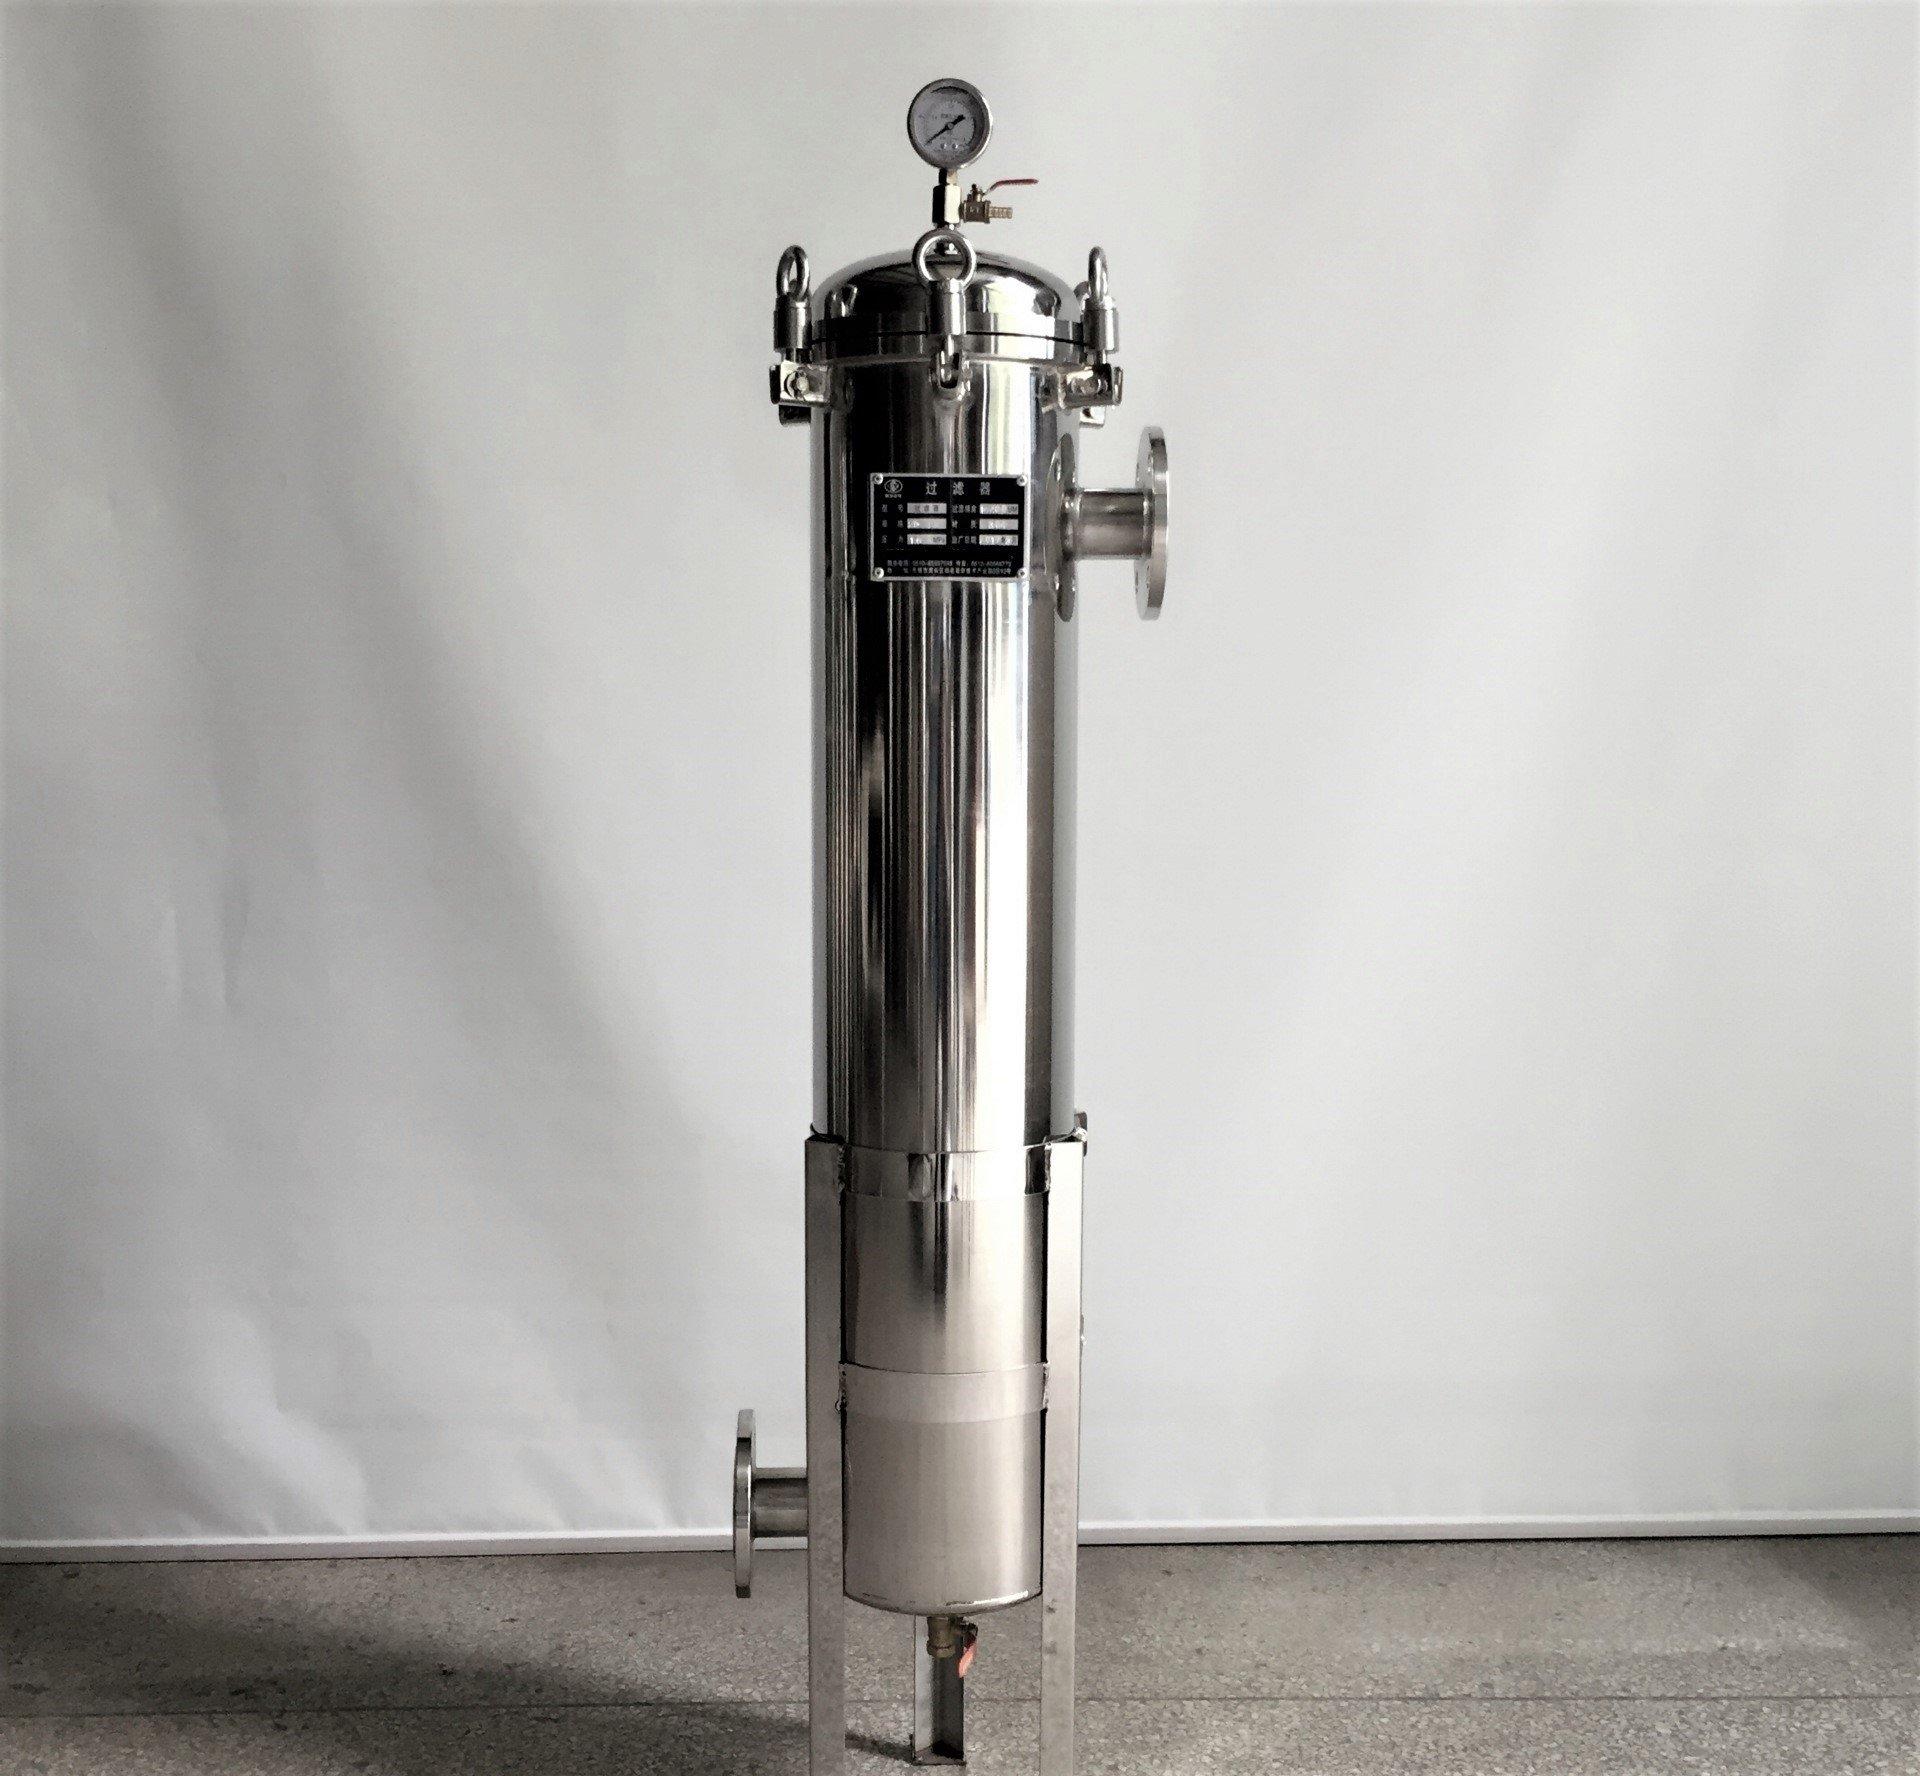 Vertical filter housing